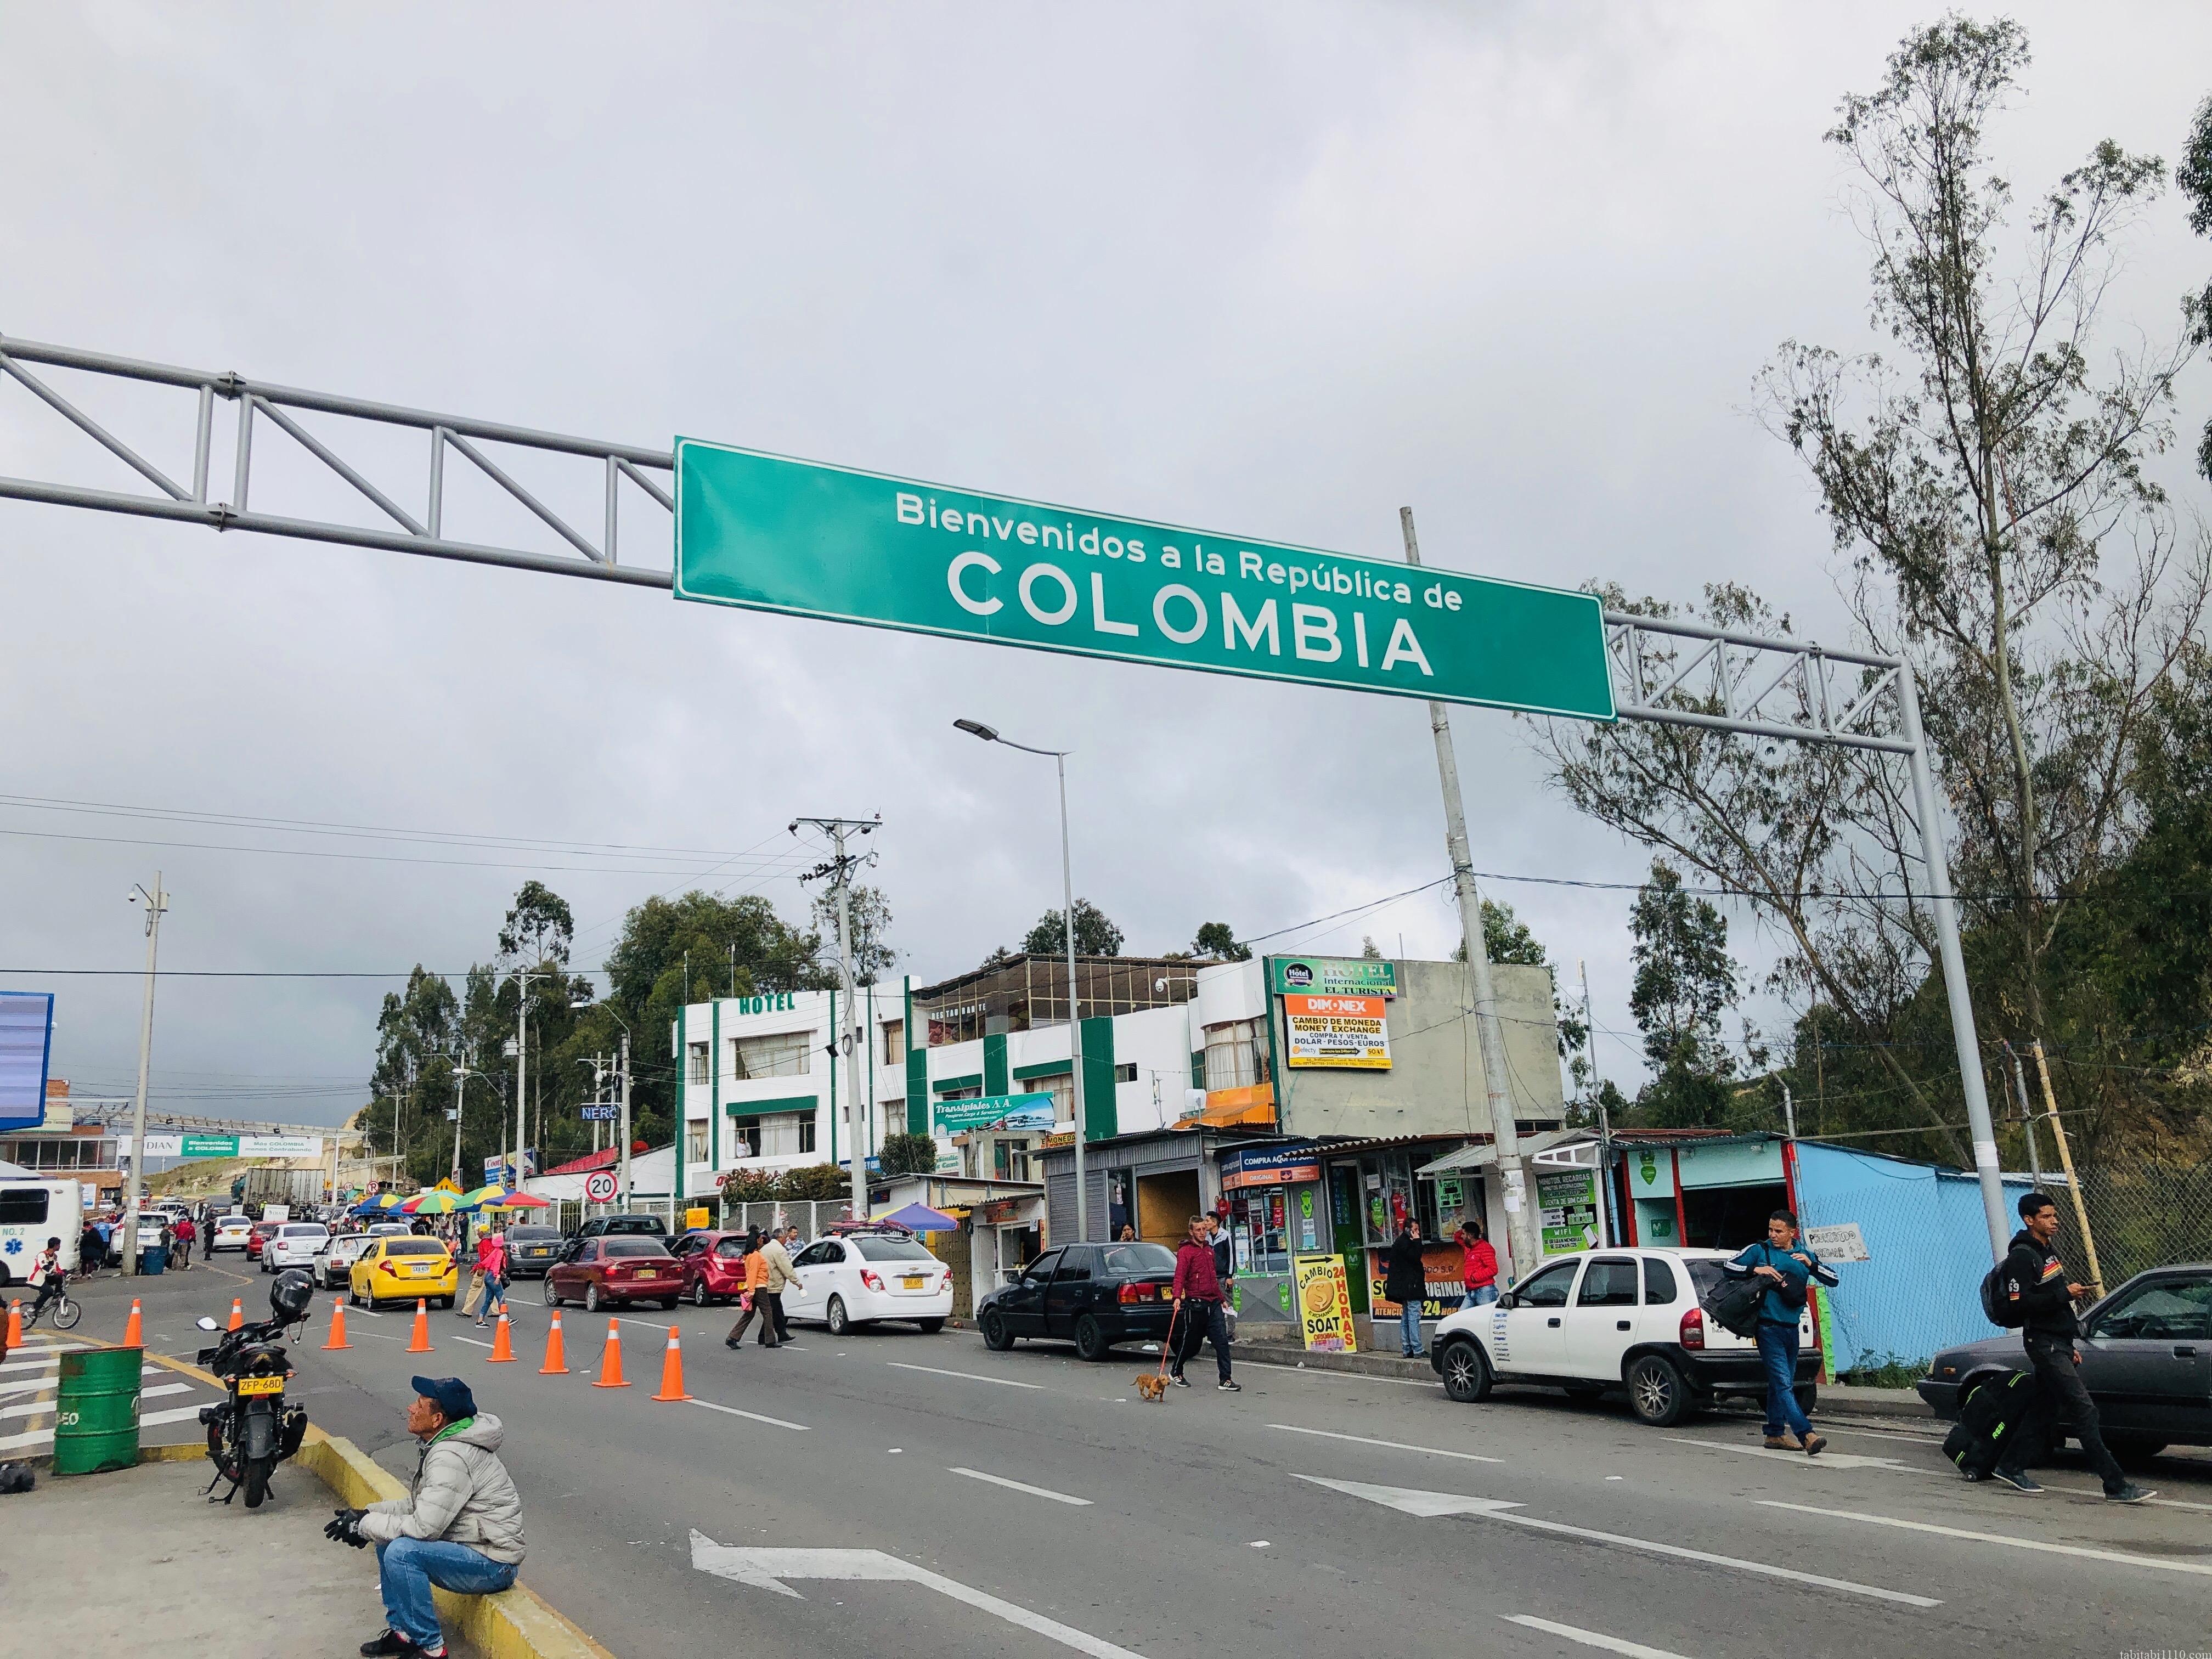 エクアドル コロンビア 国境越え